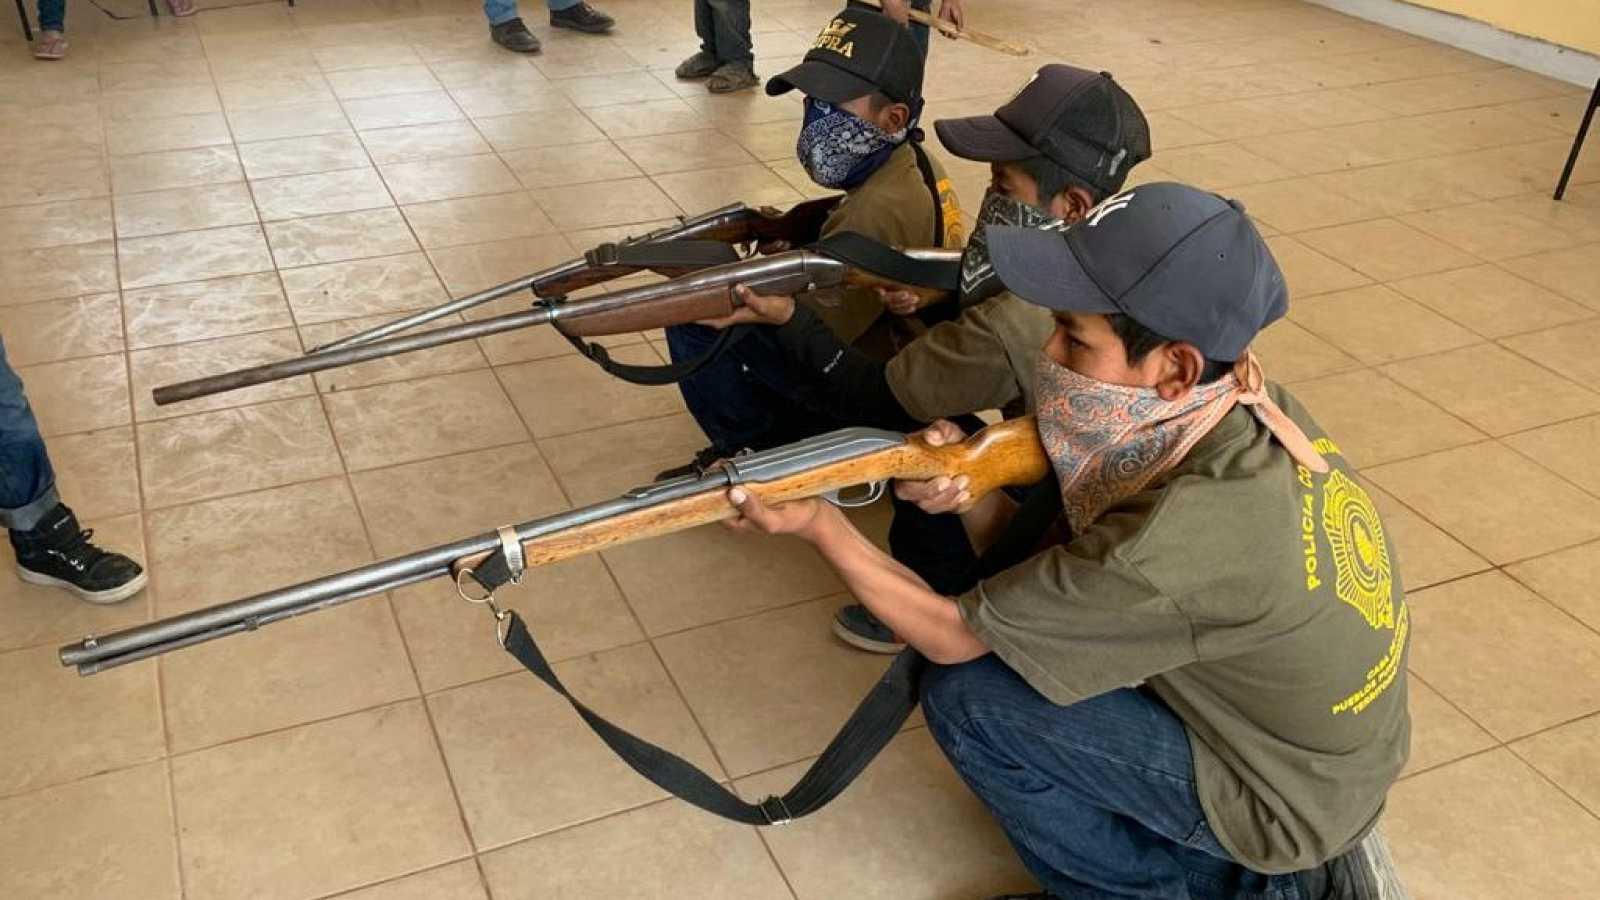 Un pueblo mexicano ha armado a menores de edad para protegerse del narcotráfico